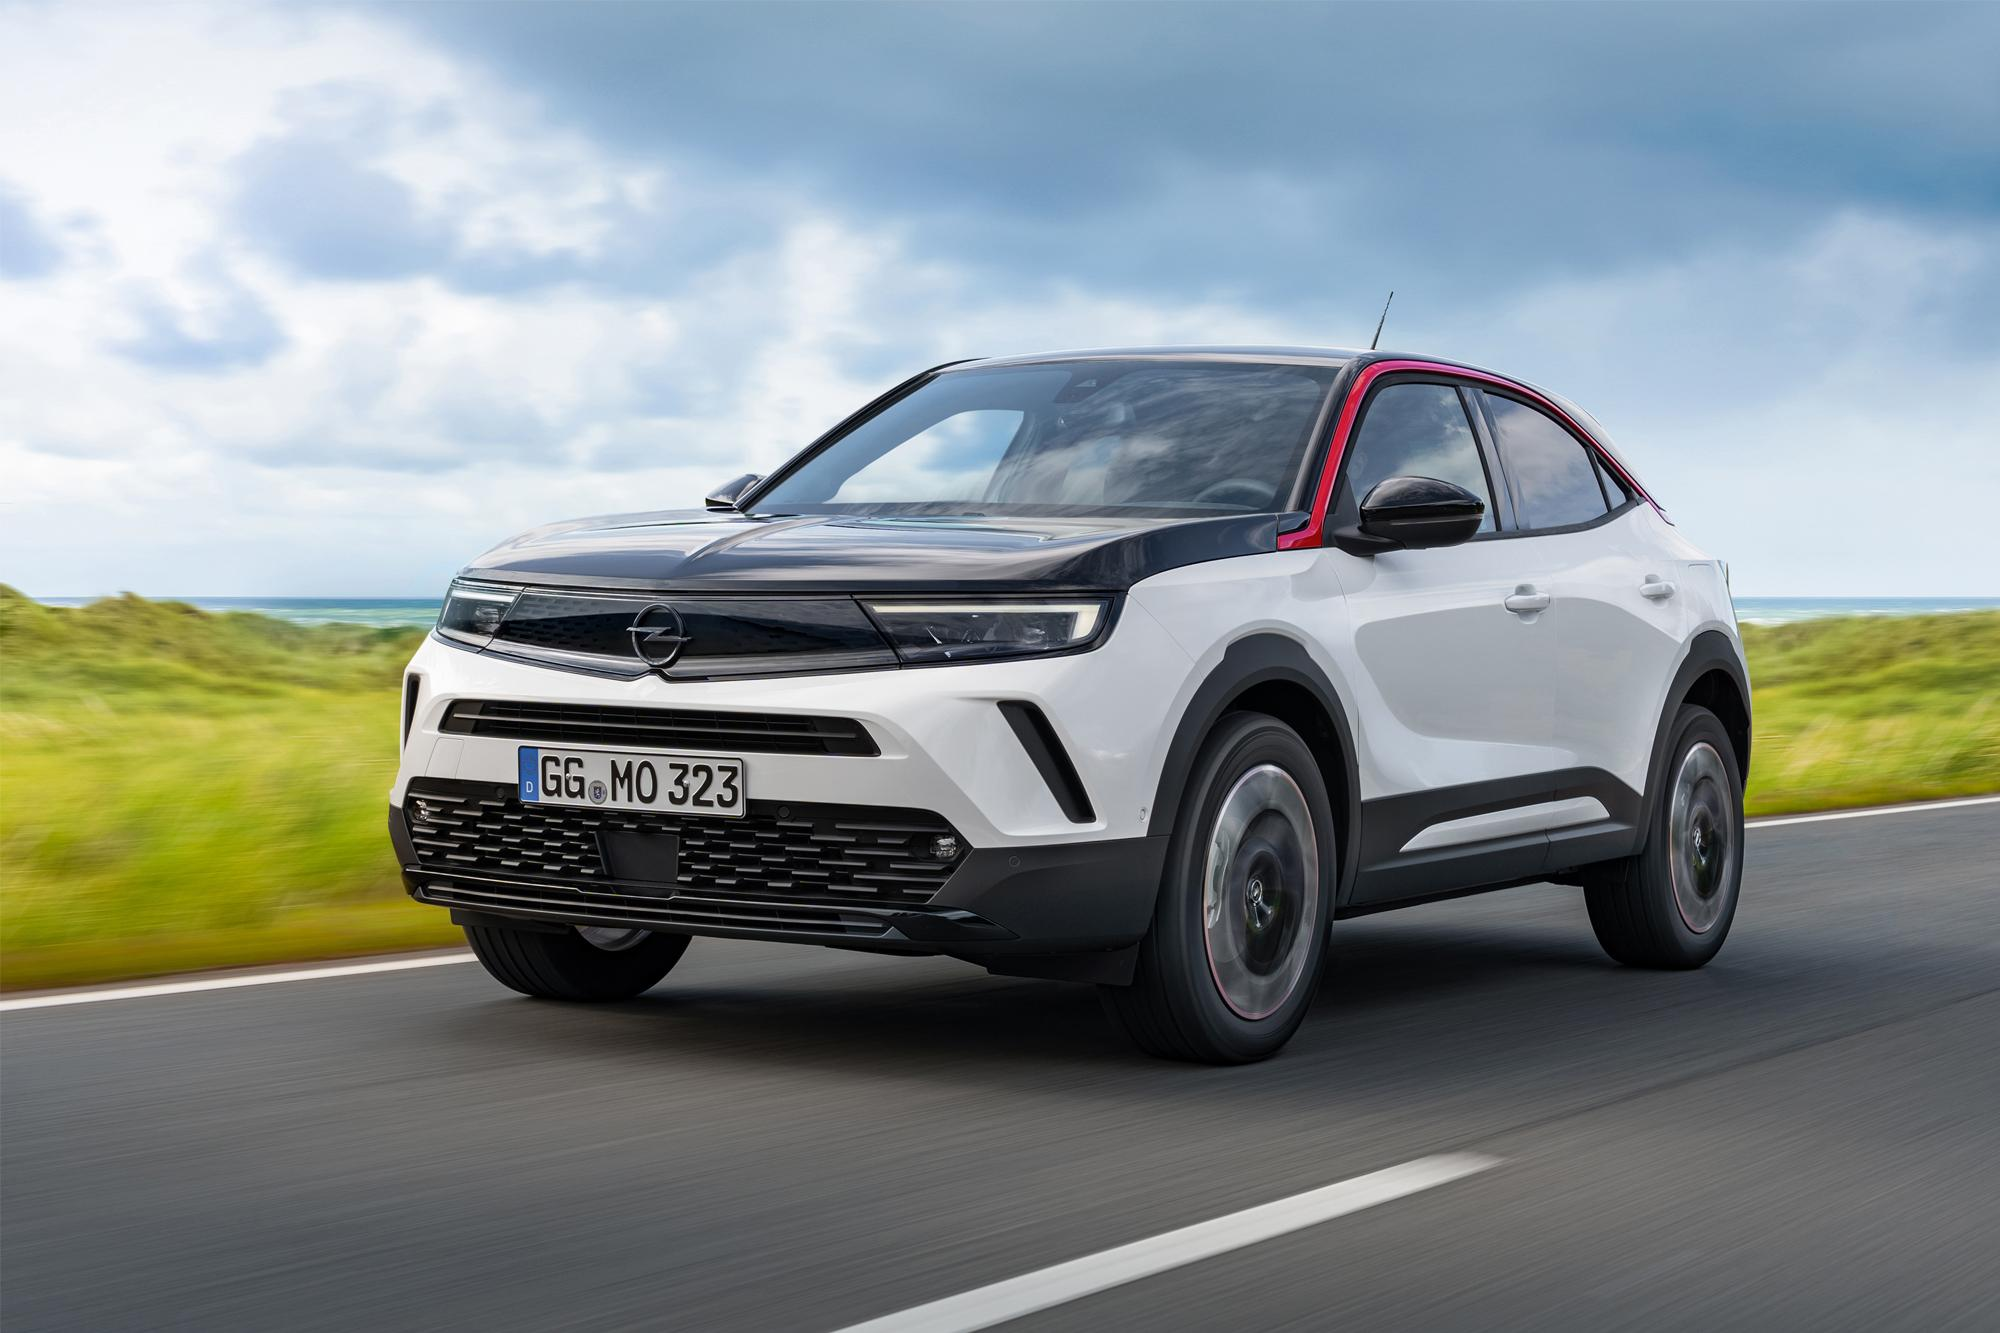 Επίσημη παρουσίαση του νέου Opel Mokka και Mokka-e